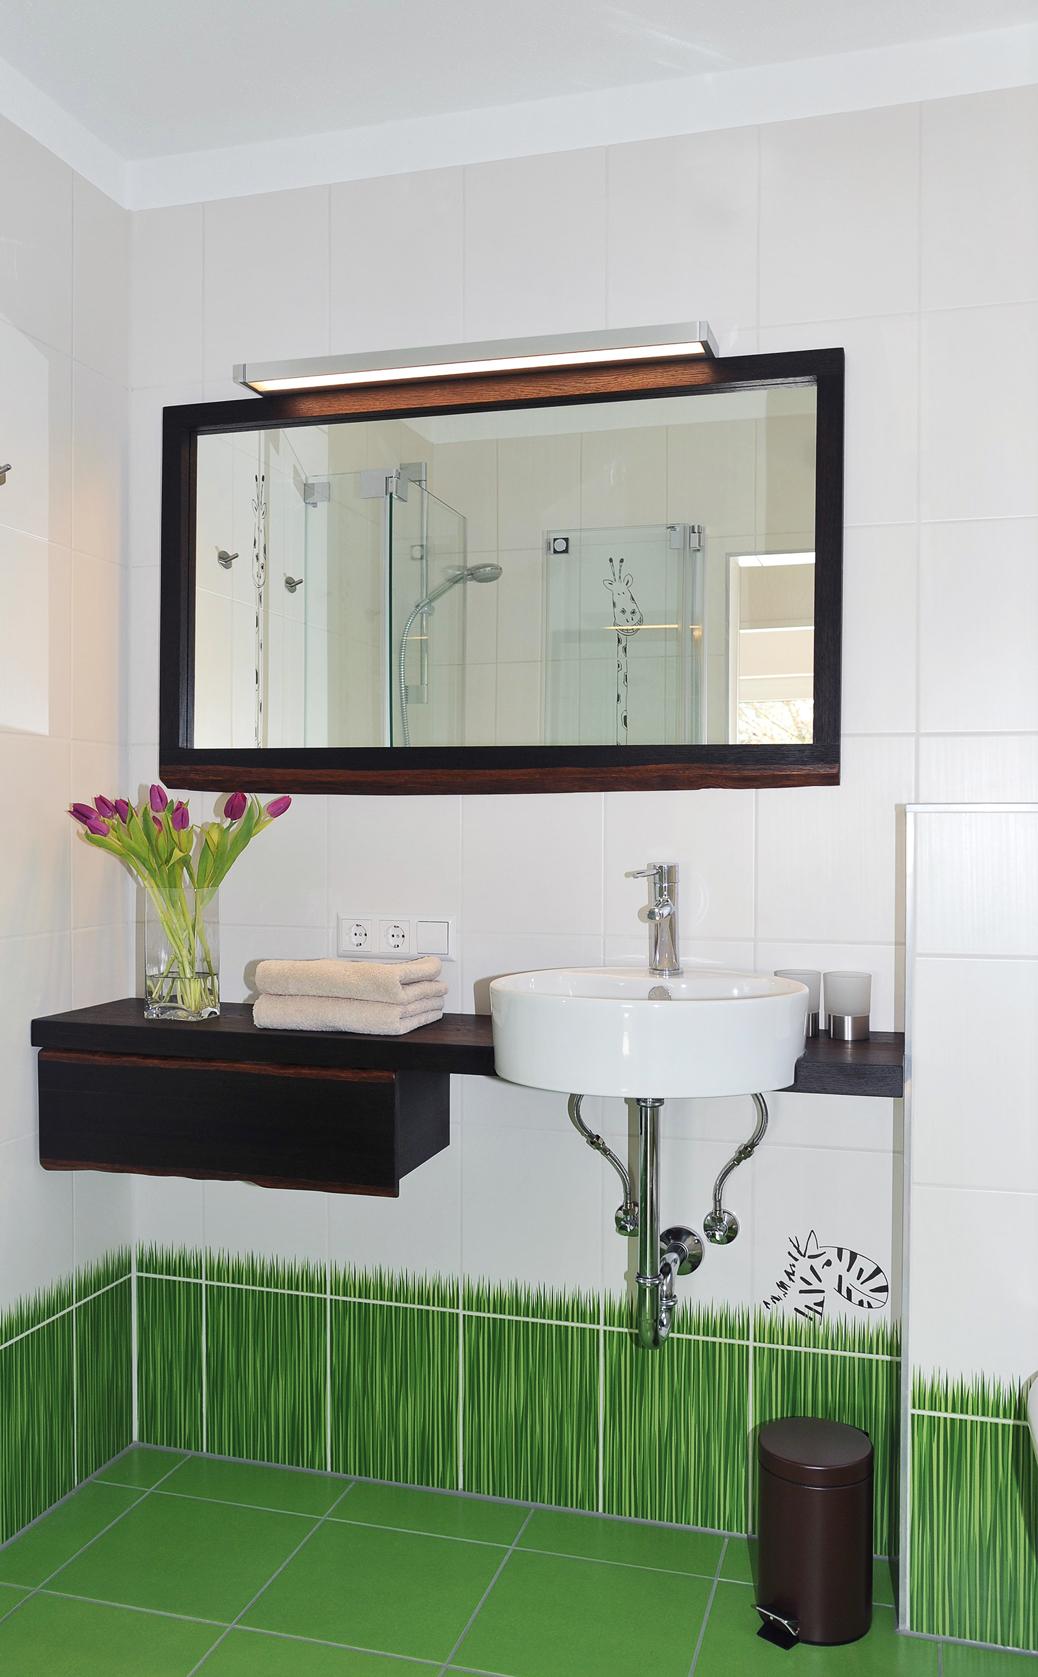 ferienhaus avila – urlaub & entspannung mit bodenseeflair, Badezimmer ideen